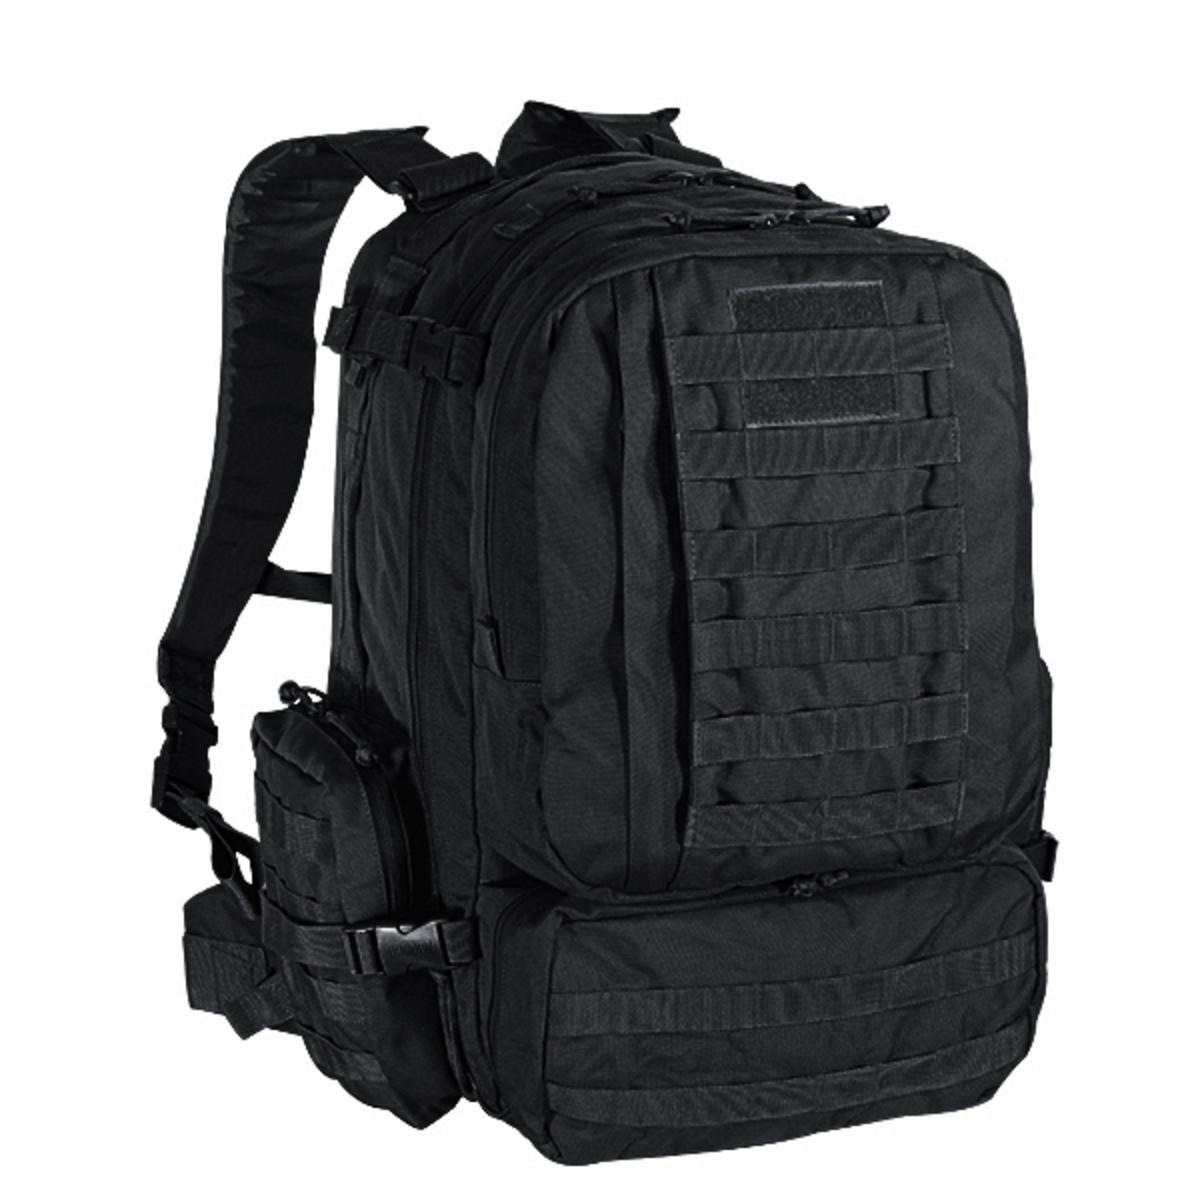 Voodoo Tobago Pack (Packs Category)